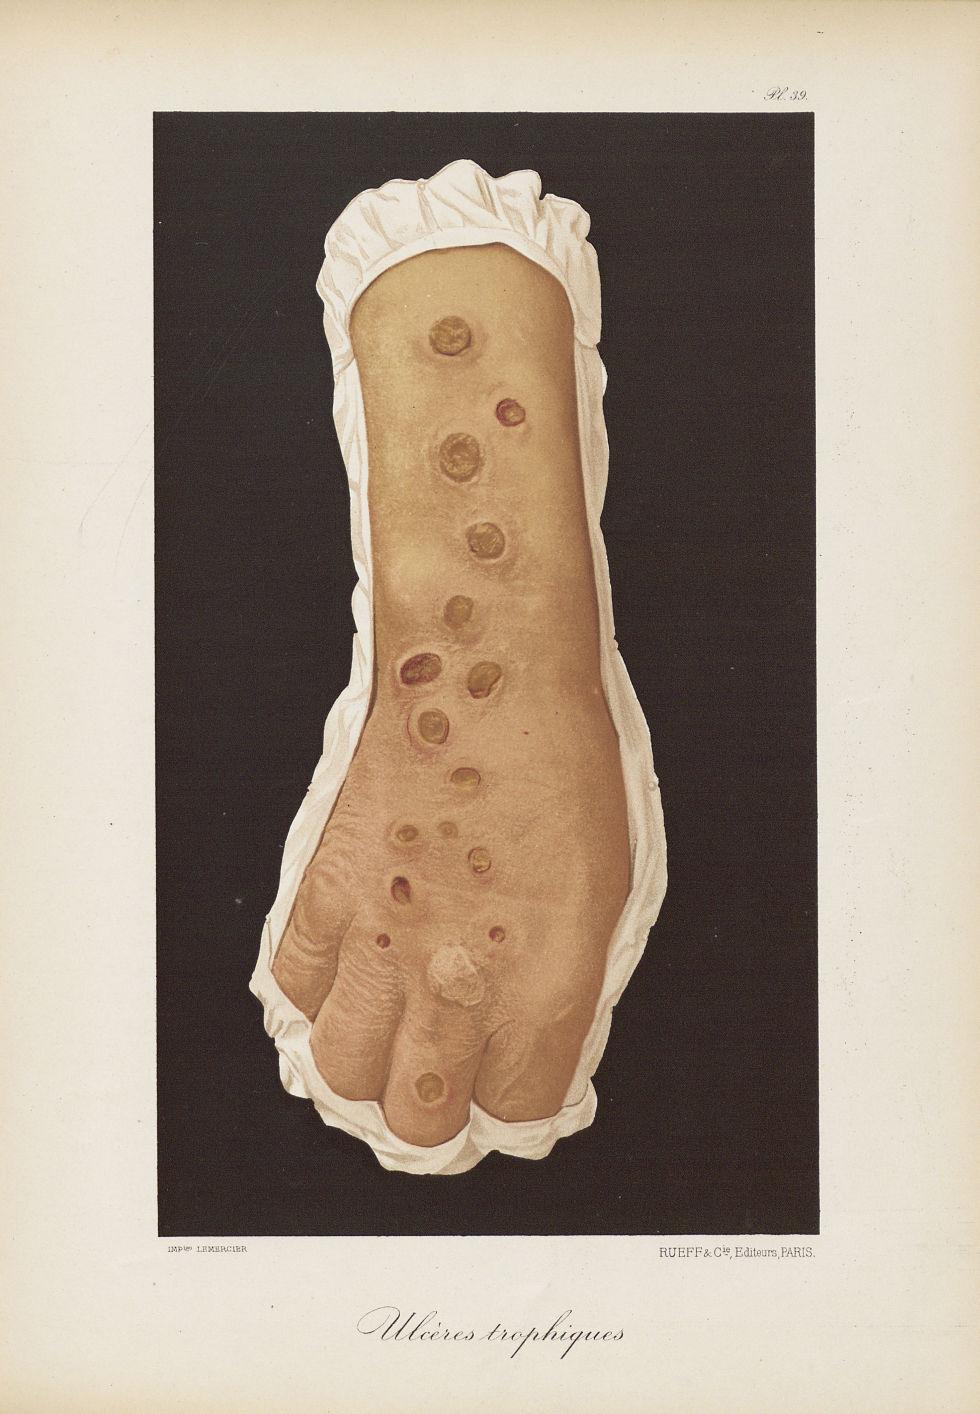 Ulcères trophiques - Le musée de l'hôpital Saint-Louis : iconographie des maladies cutanées et syphi [...] - Dermatologie (peau). Ulcères. Membres supérieurs. Poignets, mains. 19e siècle (France) - med01740x0307